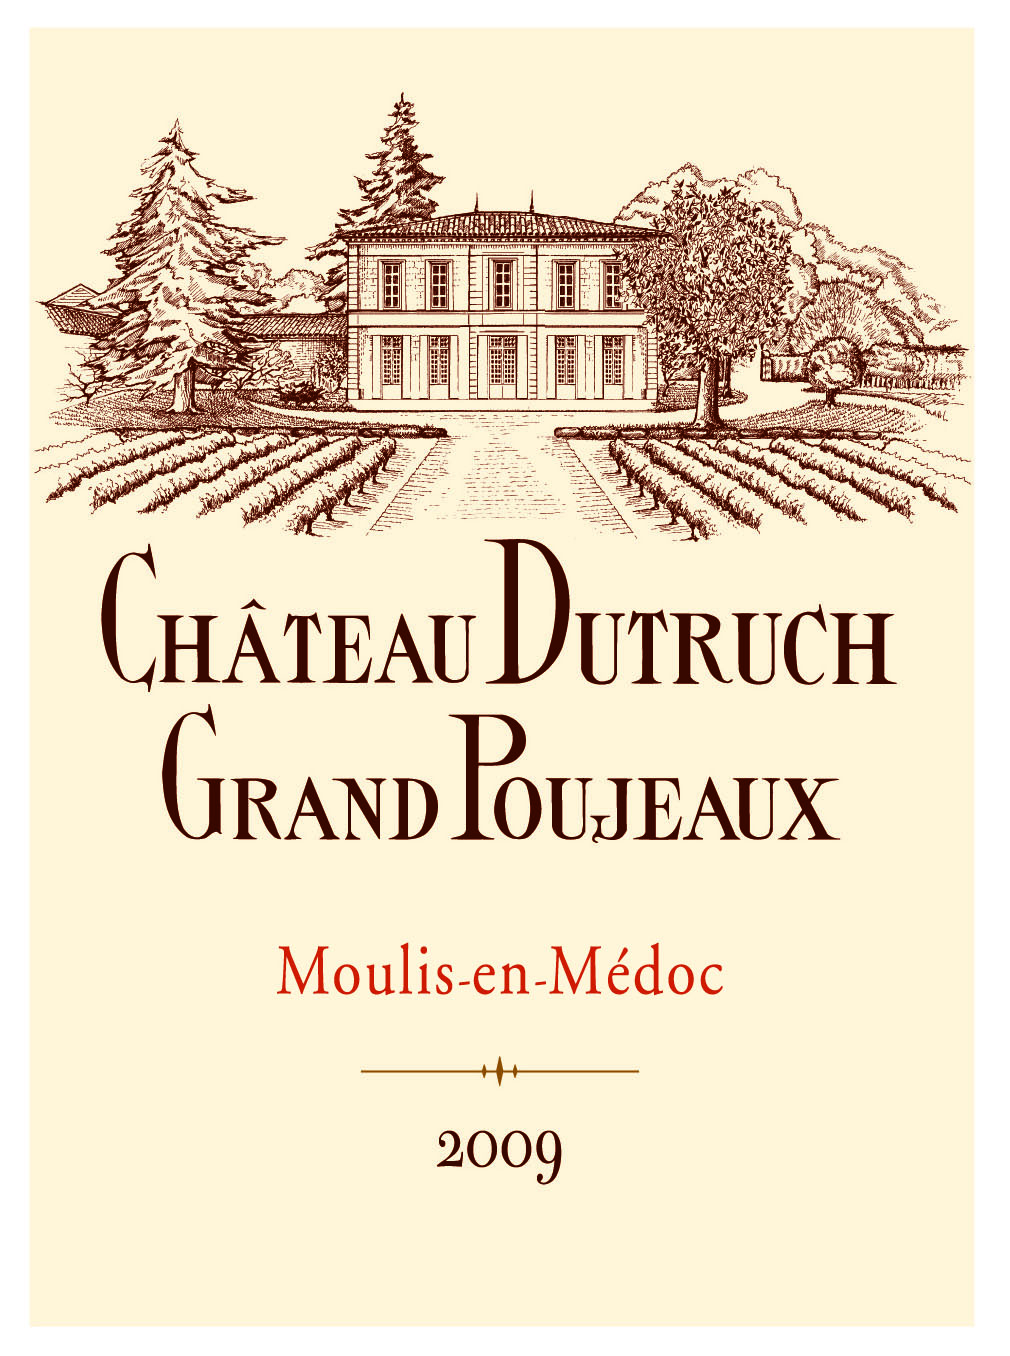 Label - Dutruch Grand Poujeaux 2009